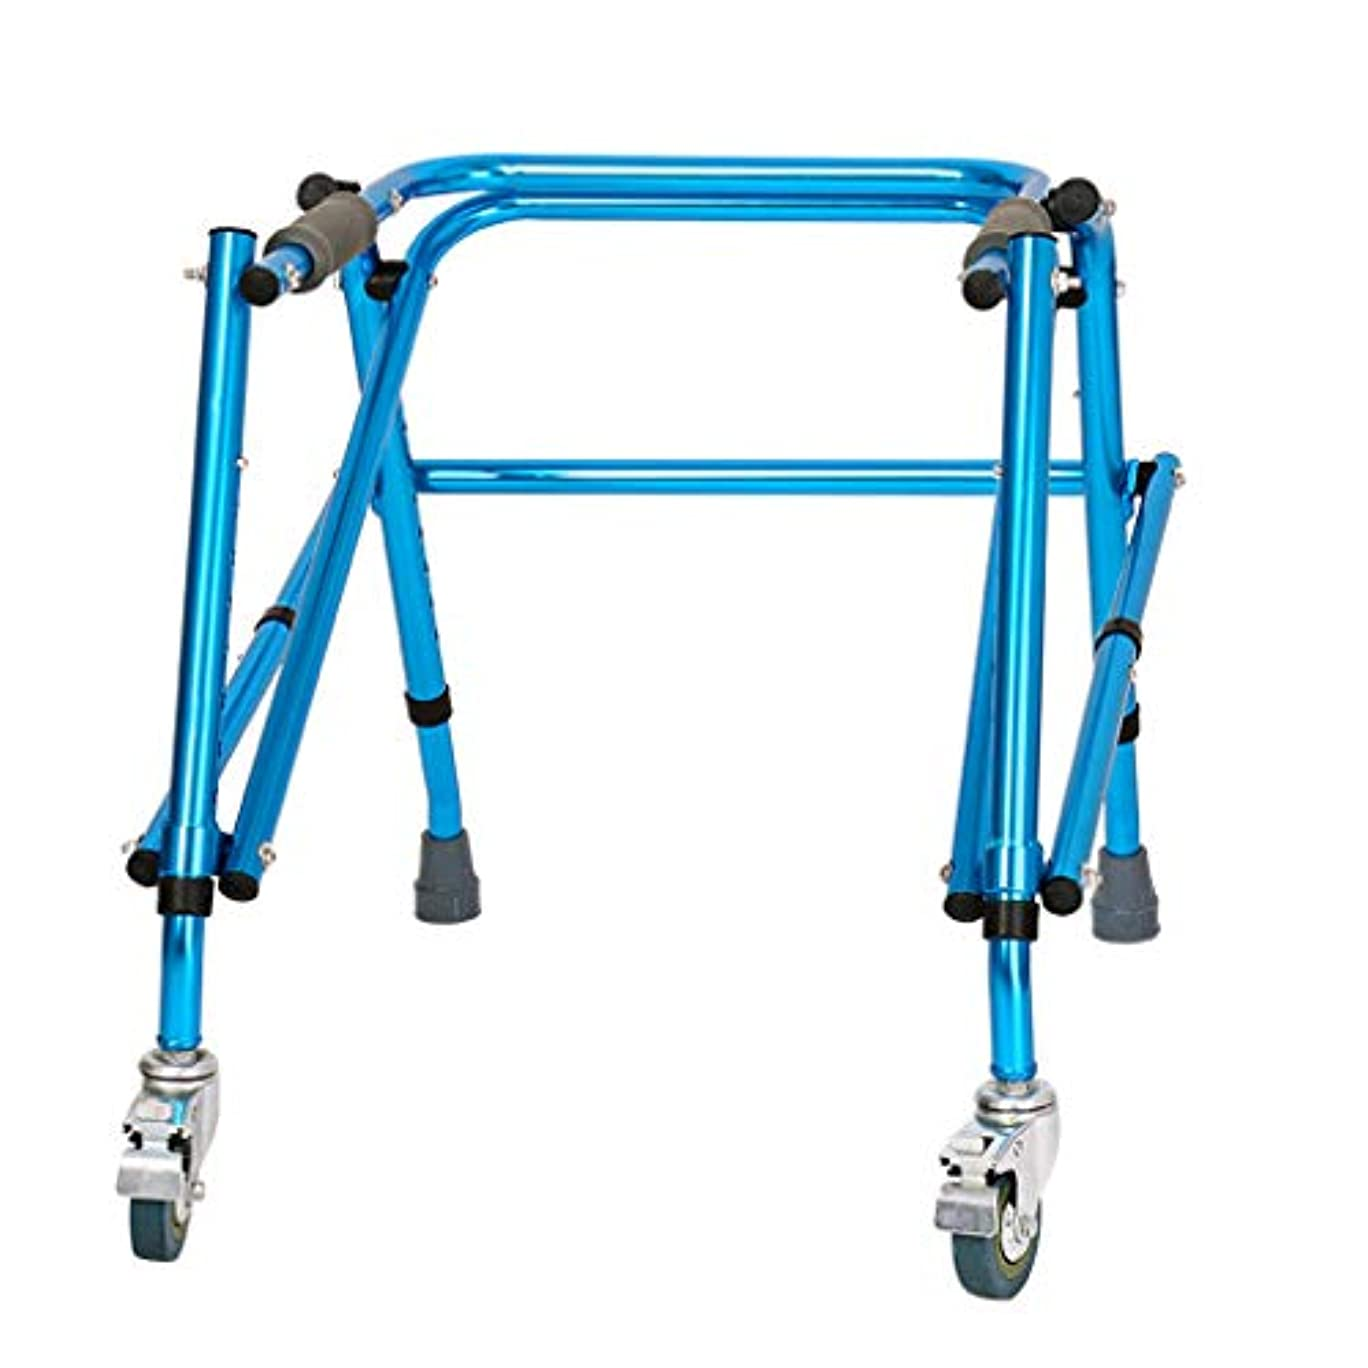 非行愚か複製IAIZI 子供下肢トレーニングとリハビリテーション機器/立ち歩行スタンド/ウォークエイド/ウォーカー/スタンドフレーム付きホイールリハビリ機器